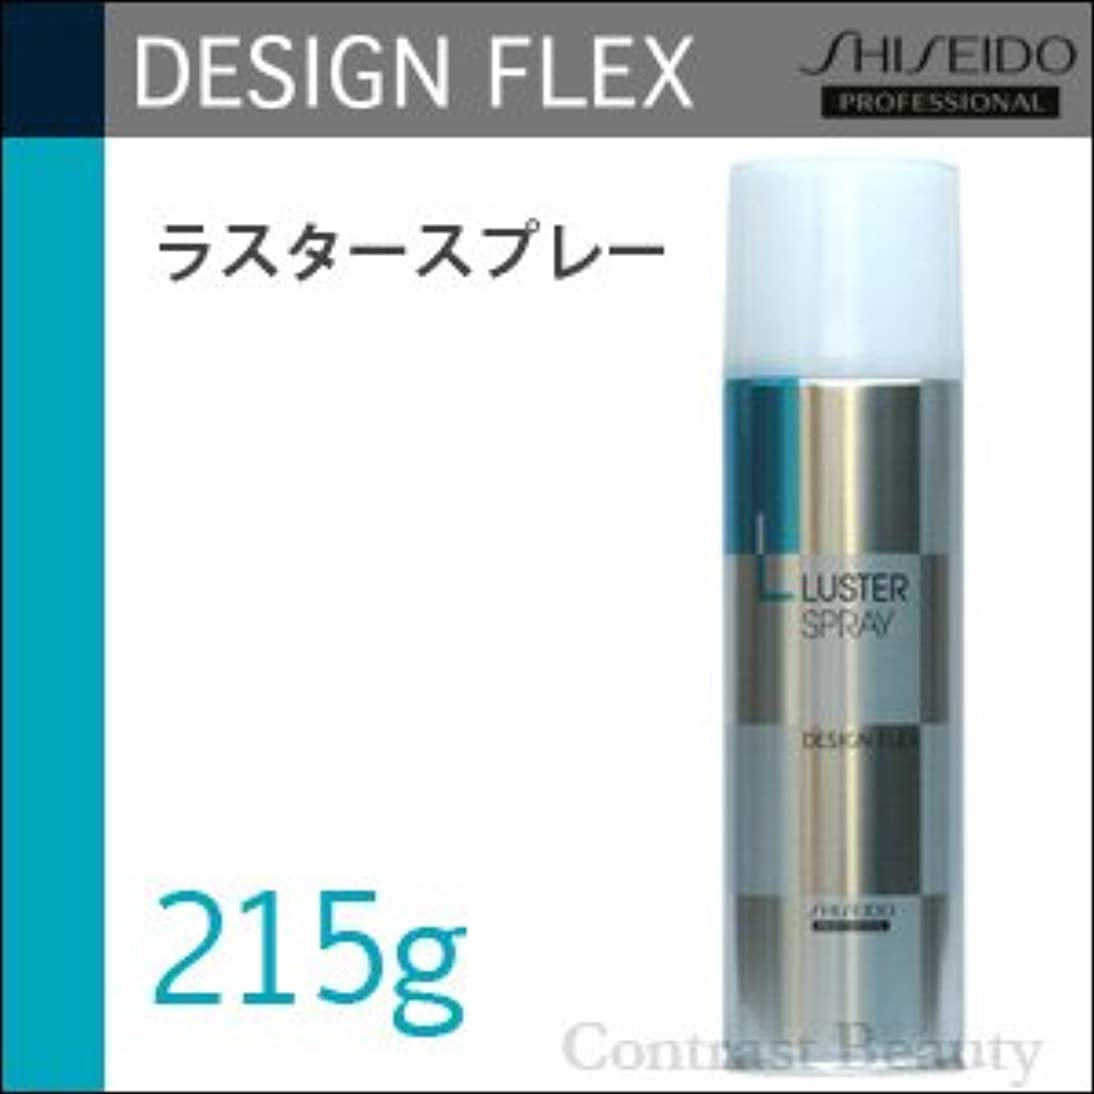 別々に腐敗したオーバーコート【x3個セット】 資生堂 デザインフレックス ラスタースプレー 215g